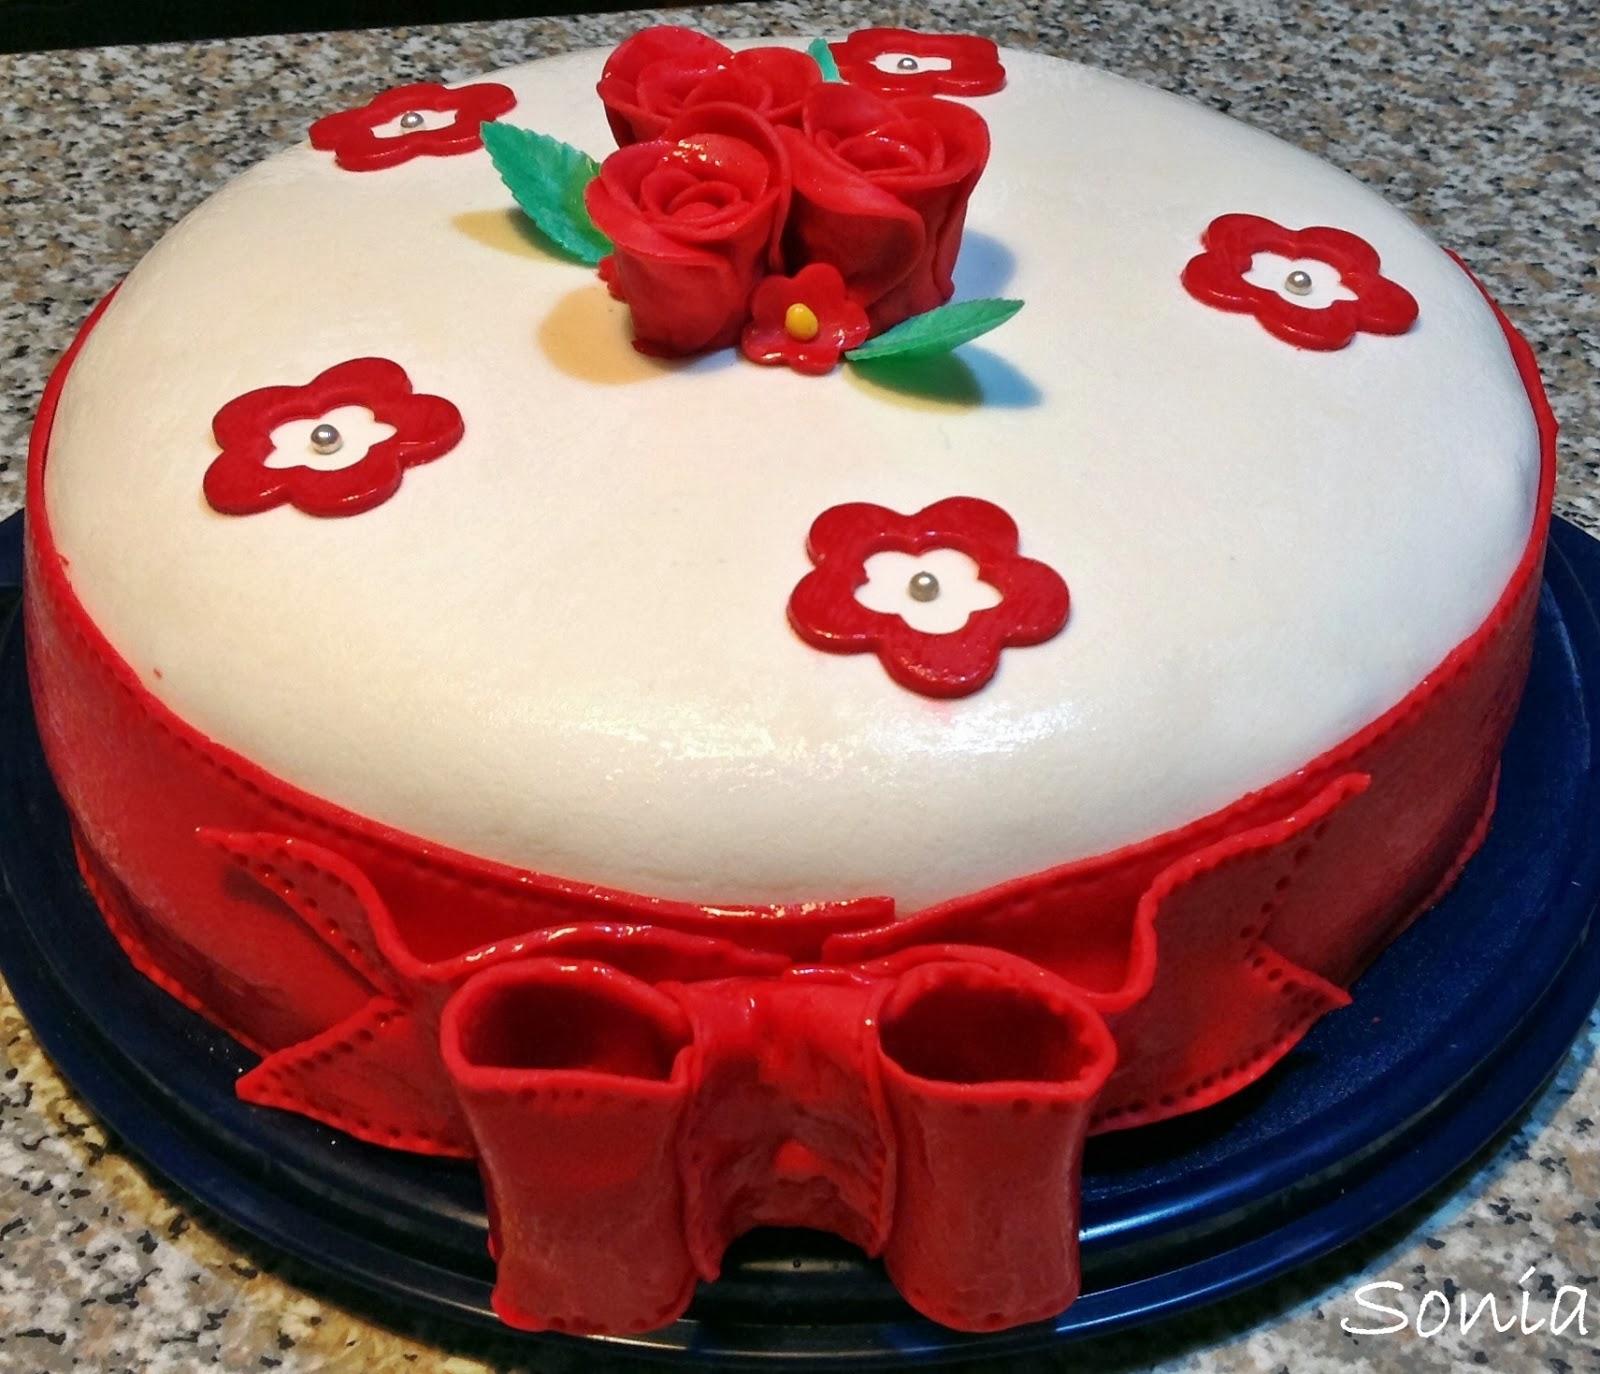 Buon Compleanno Nonna Torta Di Rose Rosse In Pdz Vaniglia Zen